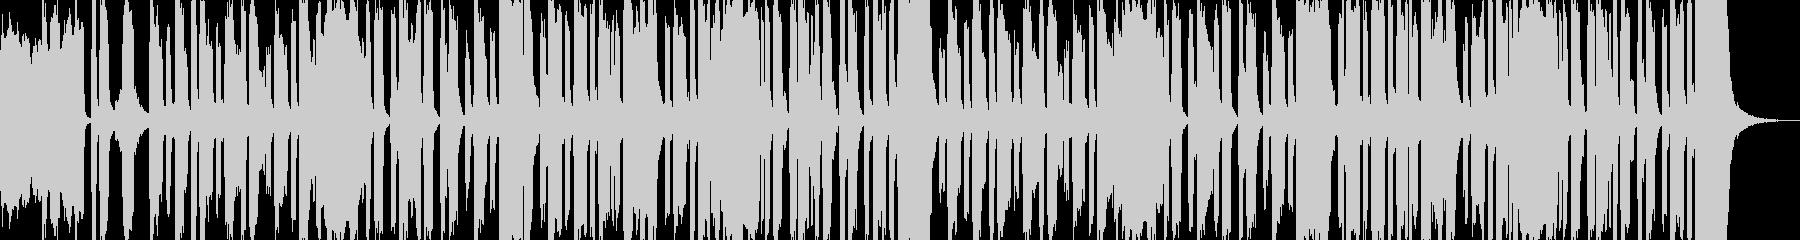 コミカルでワクワクしてくるような曲の未再生の波形